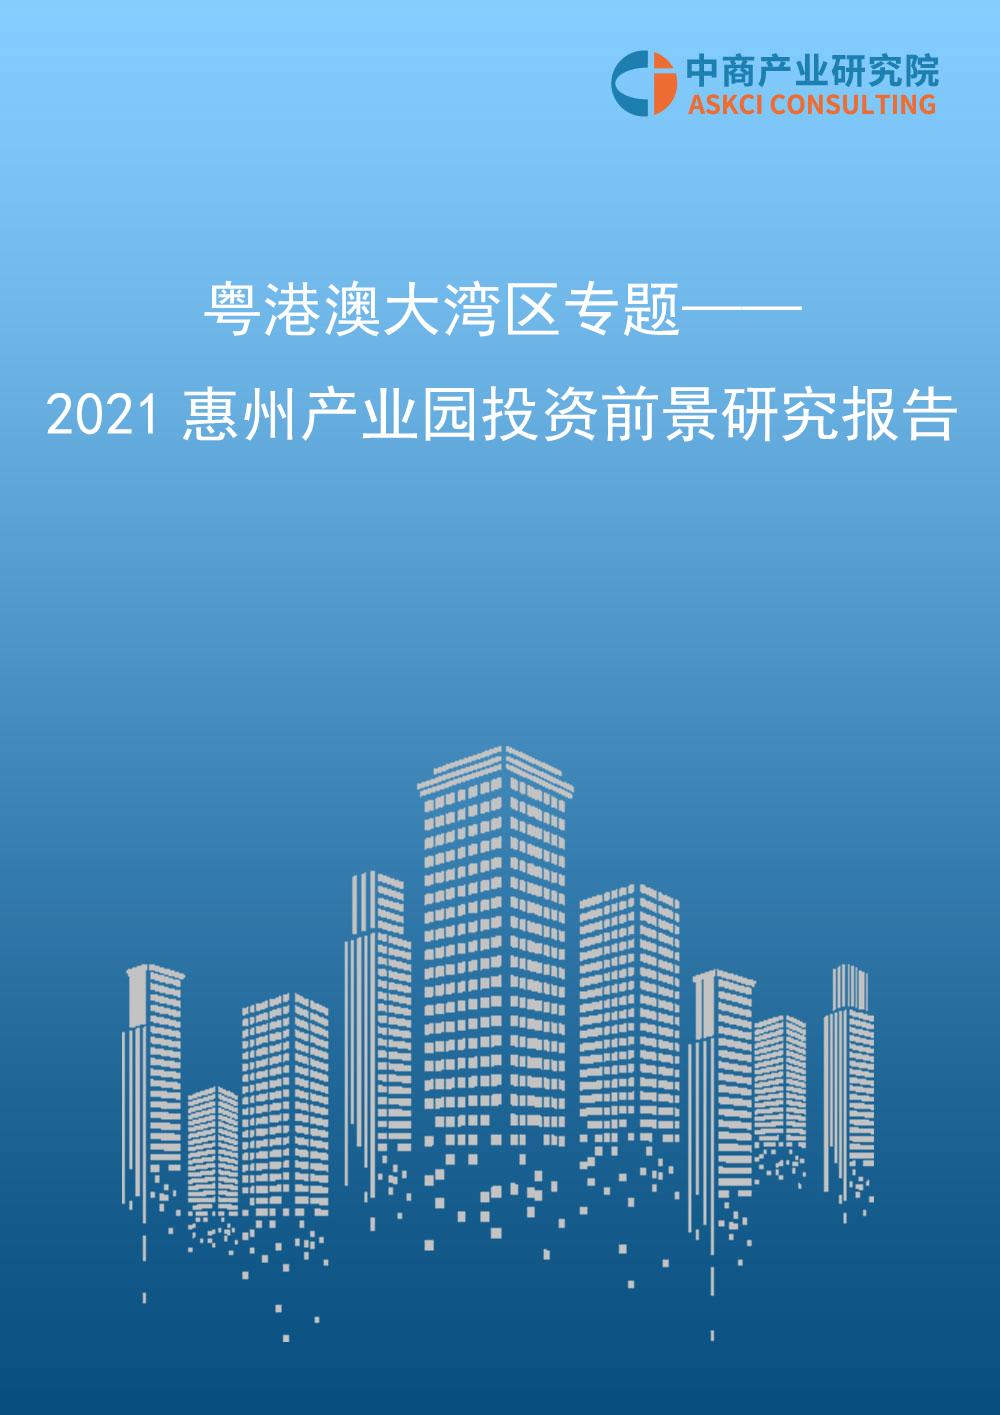 《粤港澳大湾区专题——2021惠州产业园投资前景研究报告》